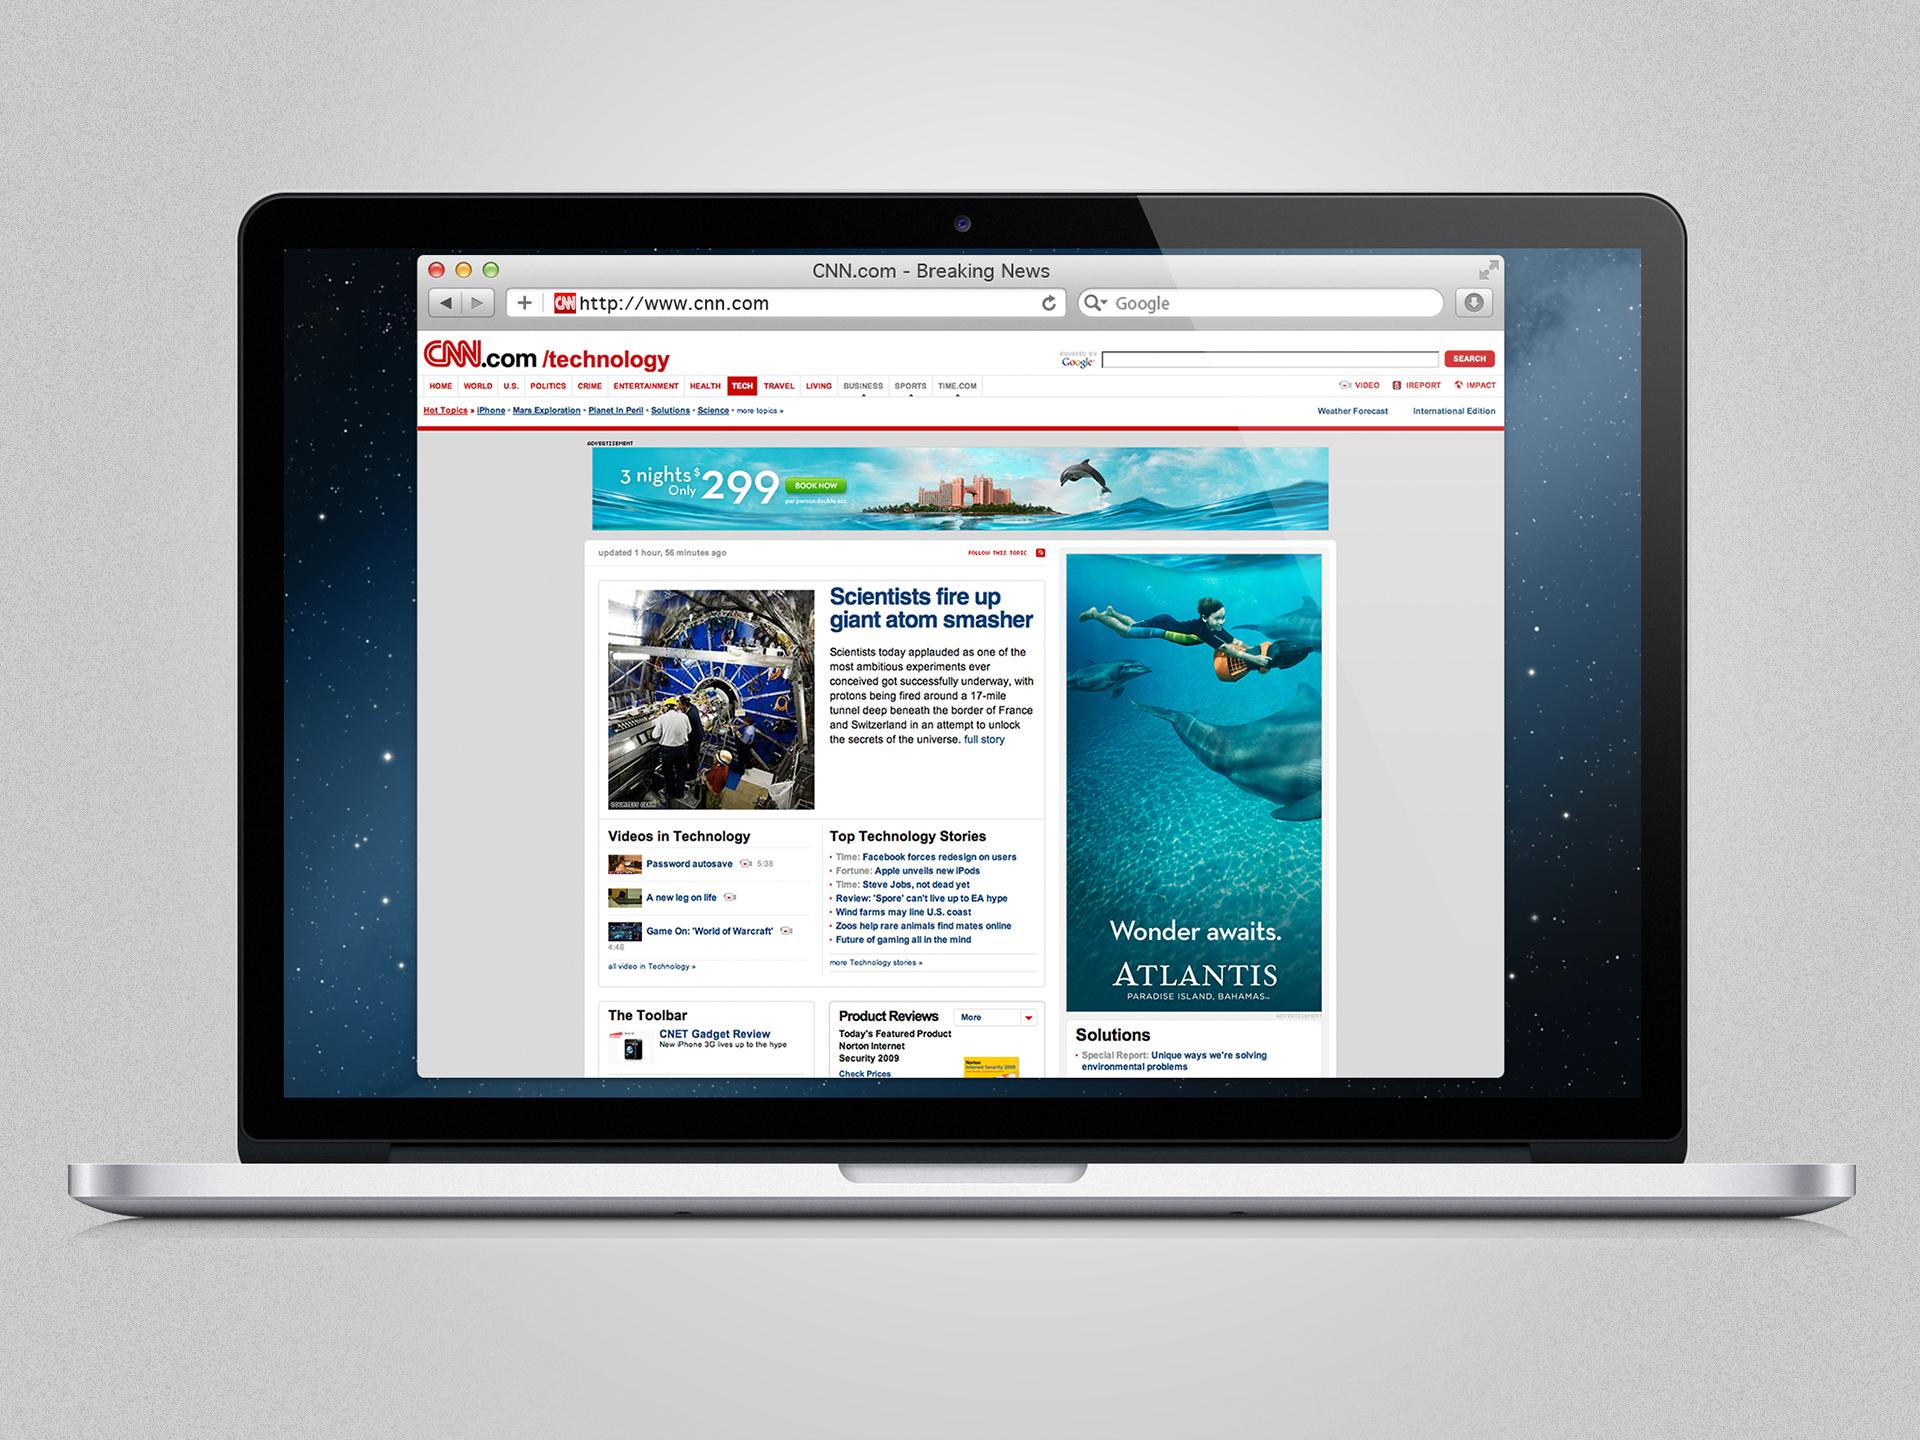 Atlantis_WebBanner01.jpg